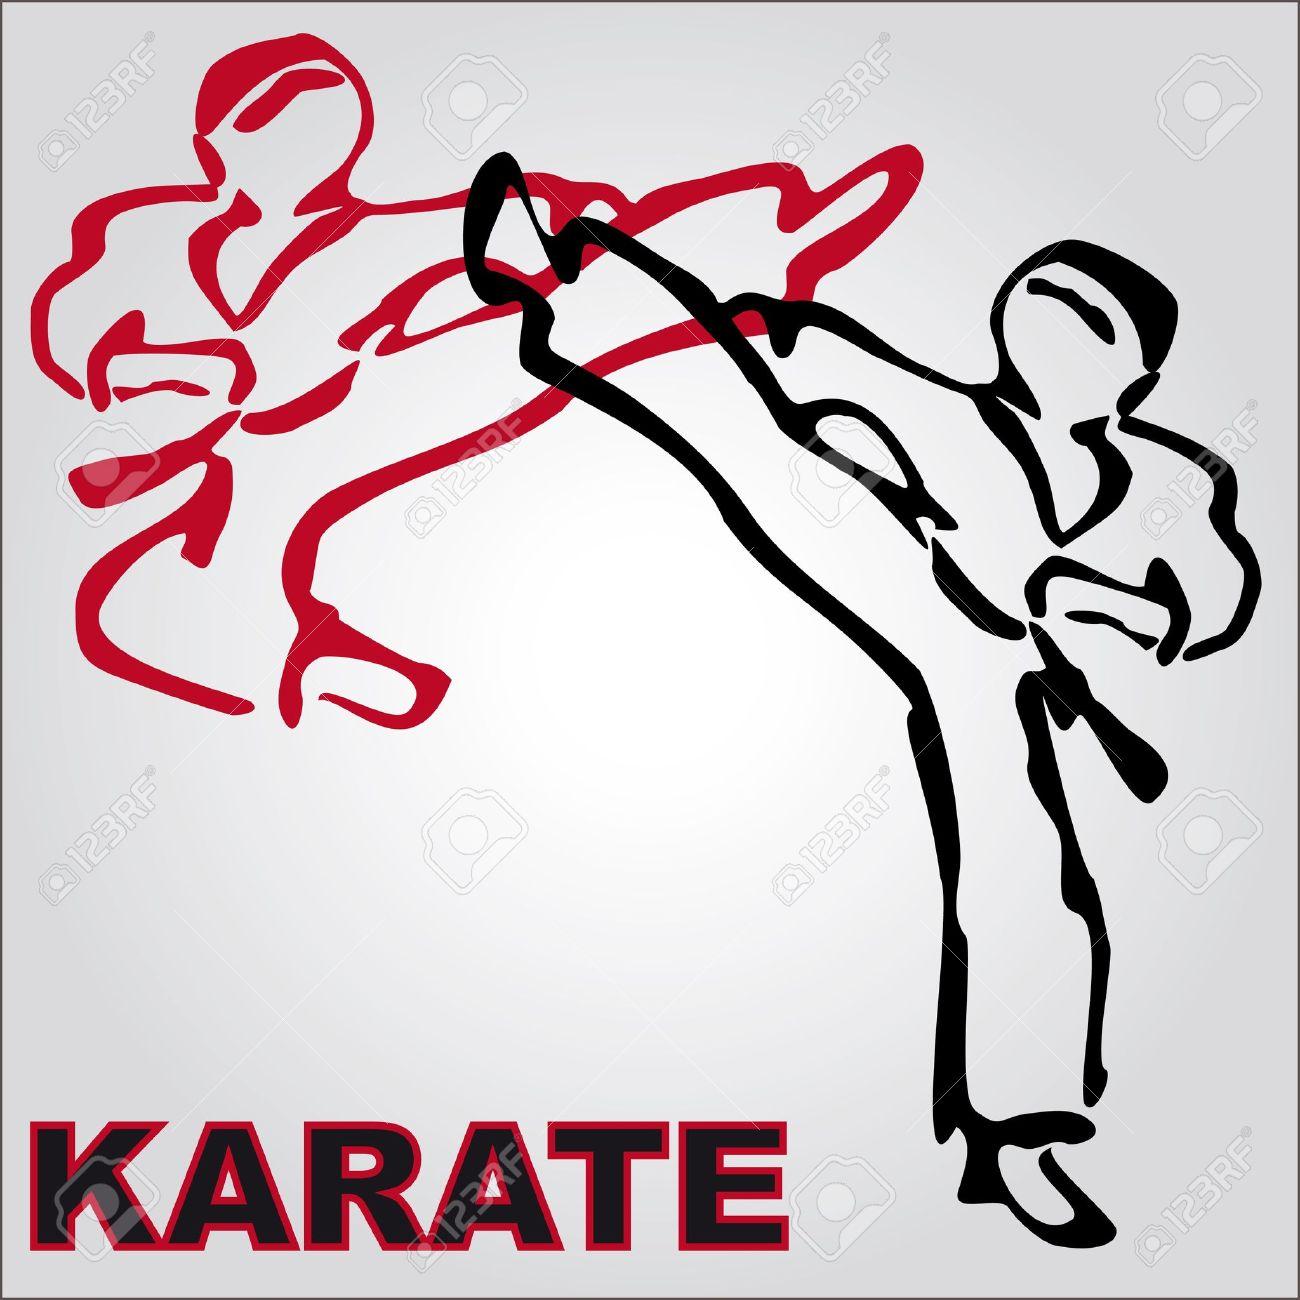 Karate Là Gì? Tìm Hiểu Về Karate Là Gì?